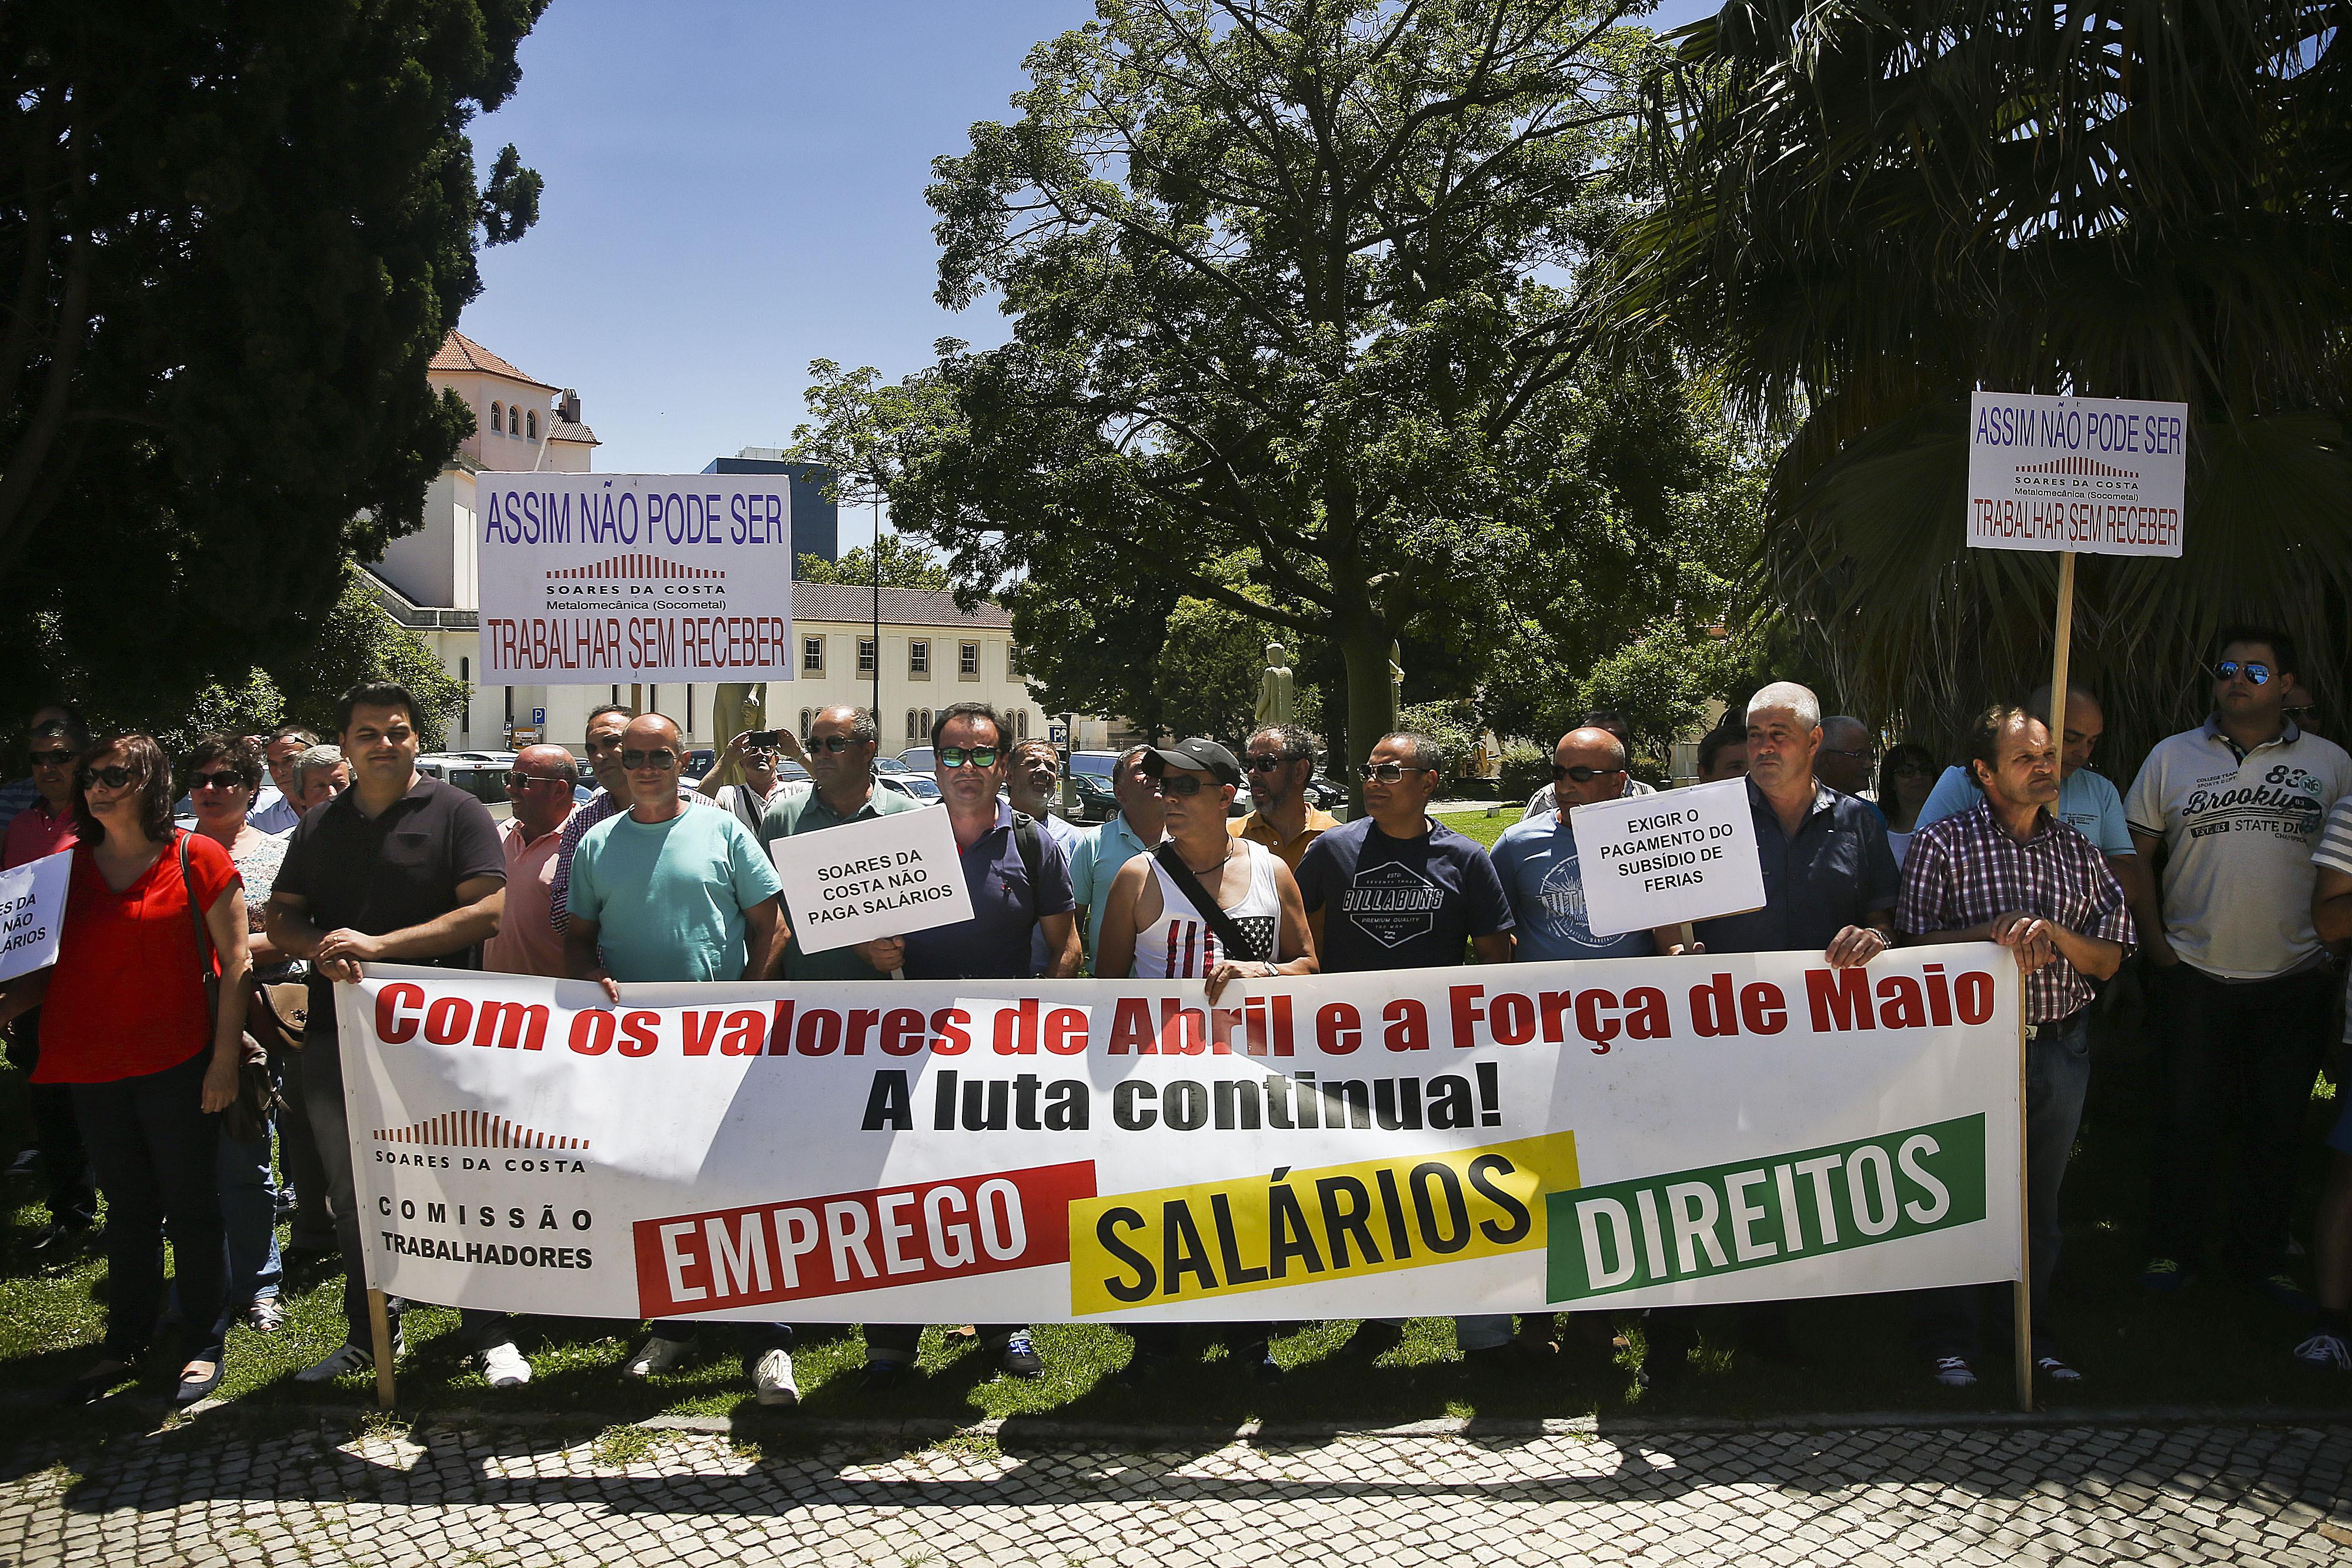 Trabalhadores da Soares da Costa manifestaram-se no Porto exigindo salários em atraso